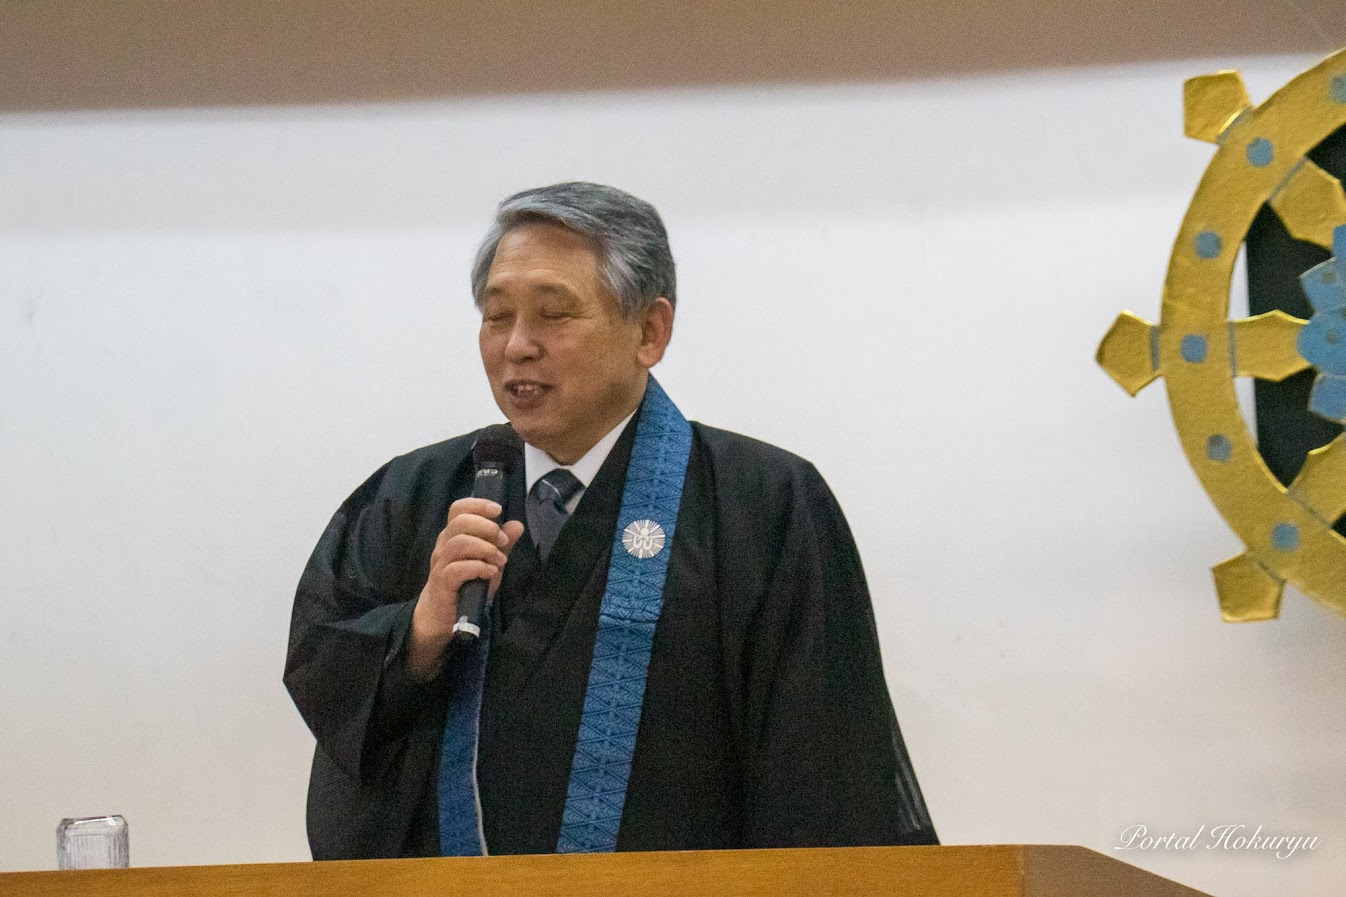 公開講座実行委員会・垣原典章 委員(清雲寺 住職)